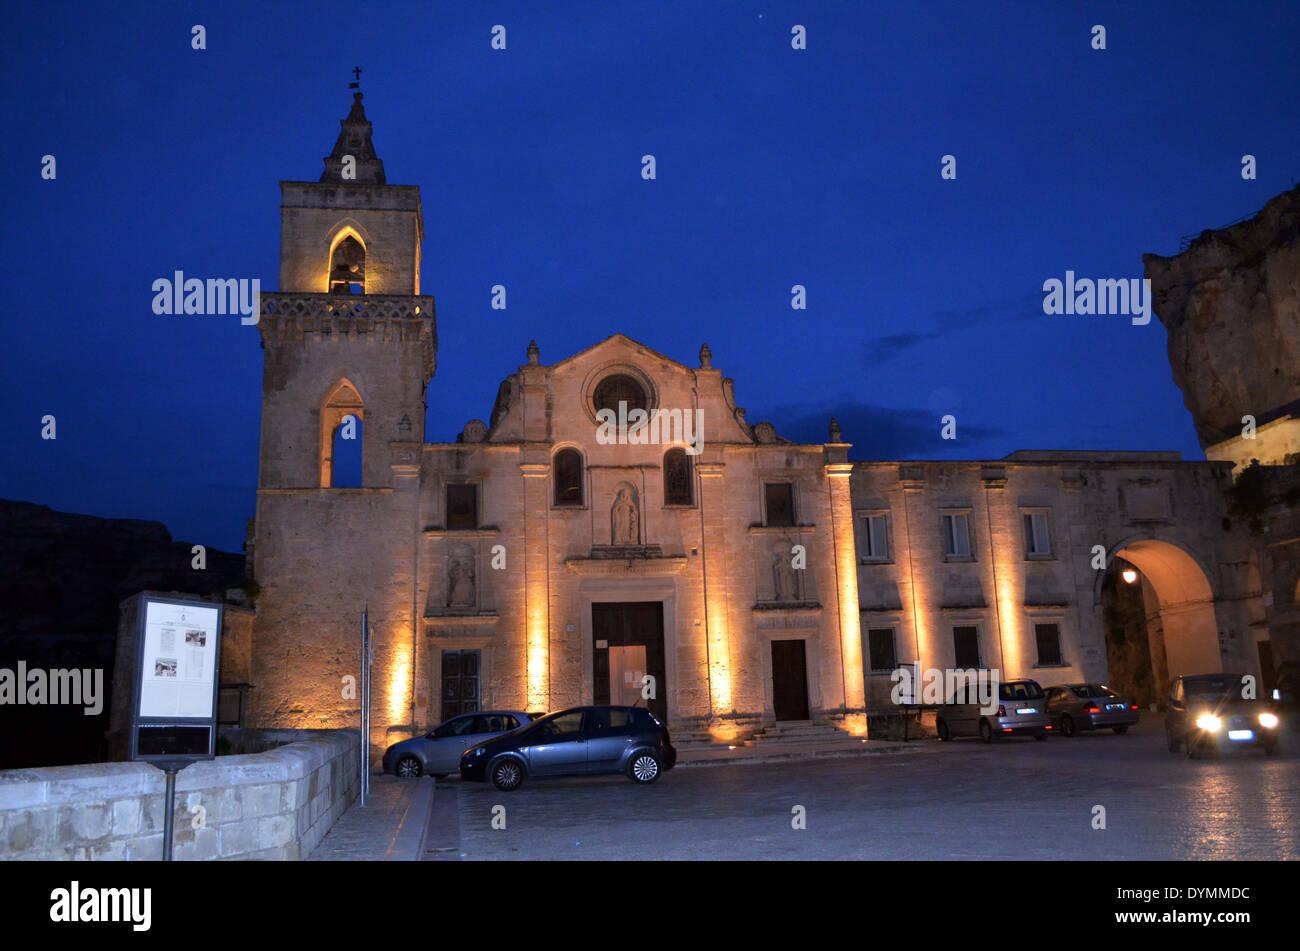 Matera, l'église de . Qui a été donné par la nouvelle vie 1993 Donner une nouvelle impulsion de la ville par l'UNESCO. Photo Stock